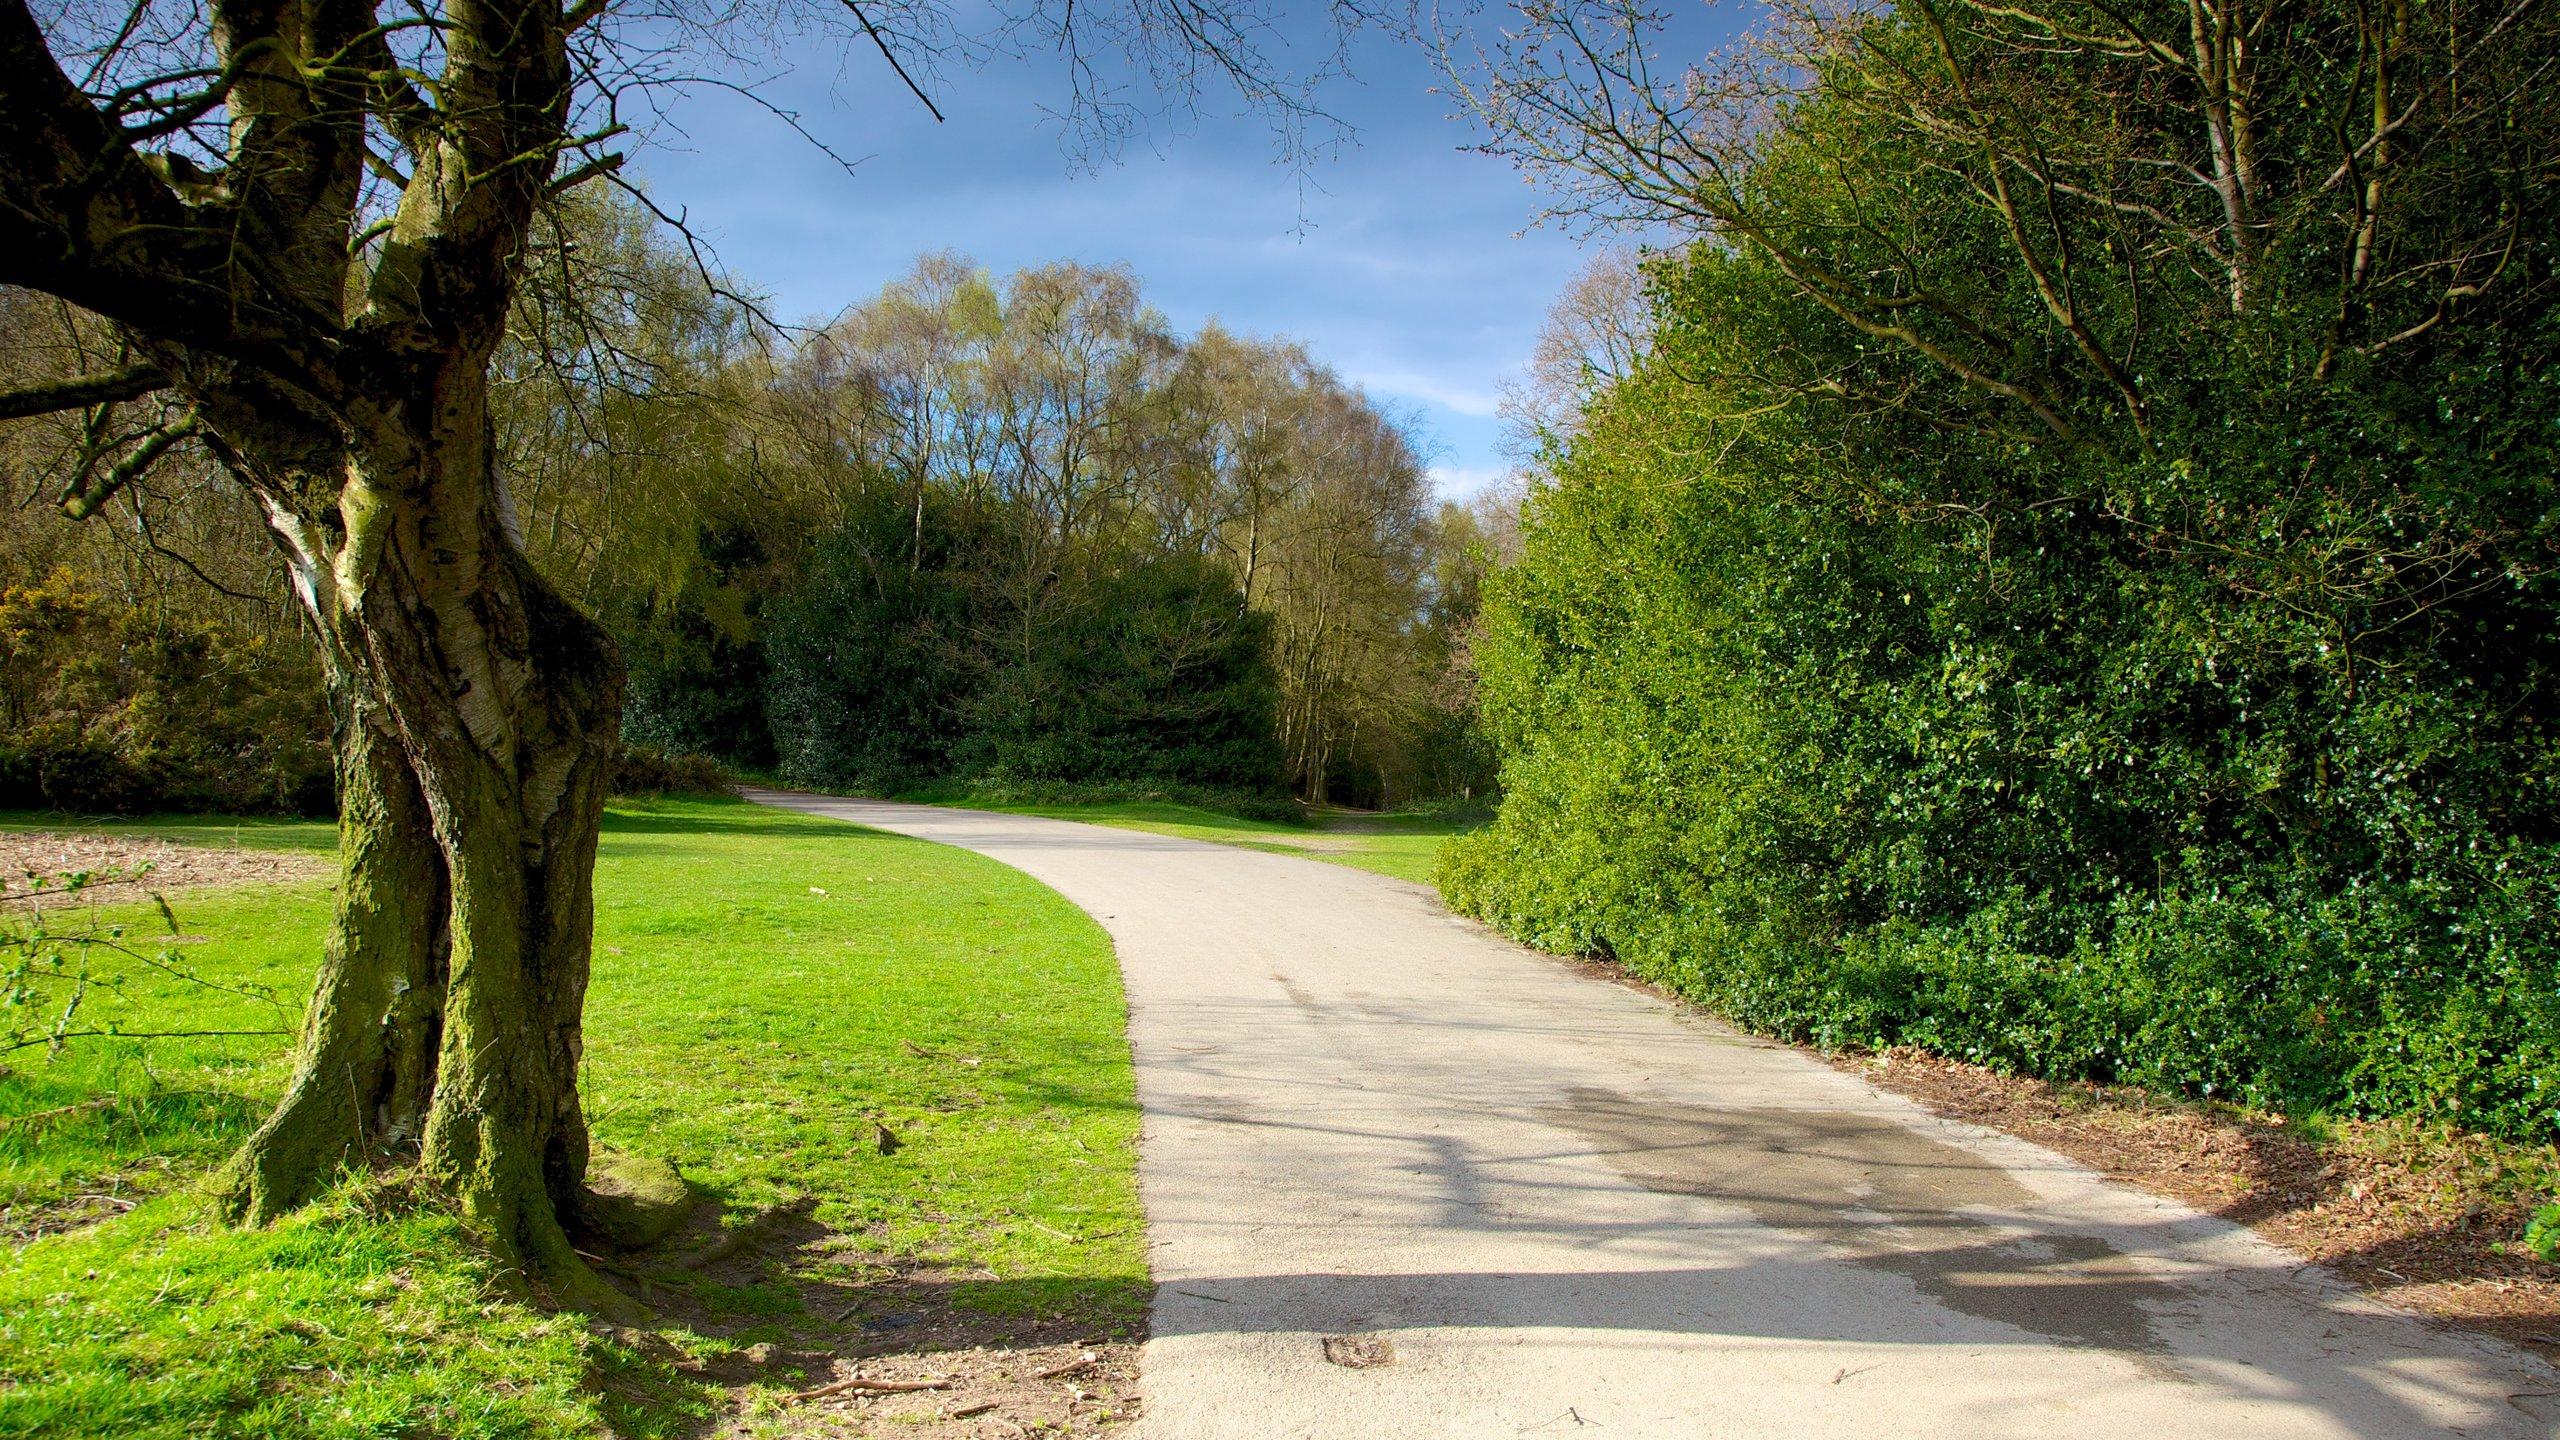 Suttonpark, Sutton Coldfield, Engeland, Verenigd Koninkrijk